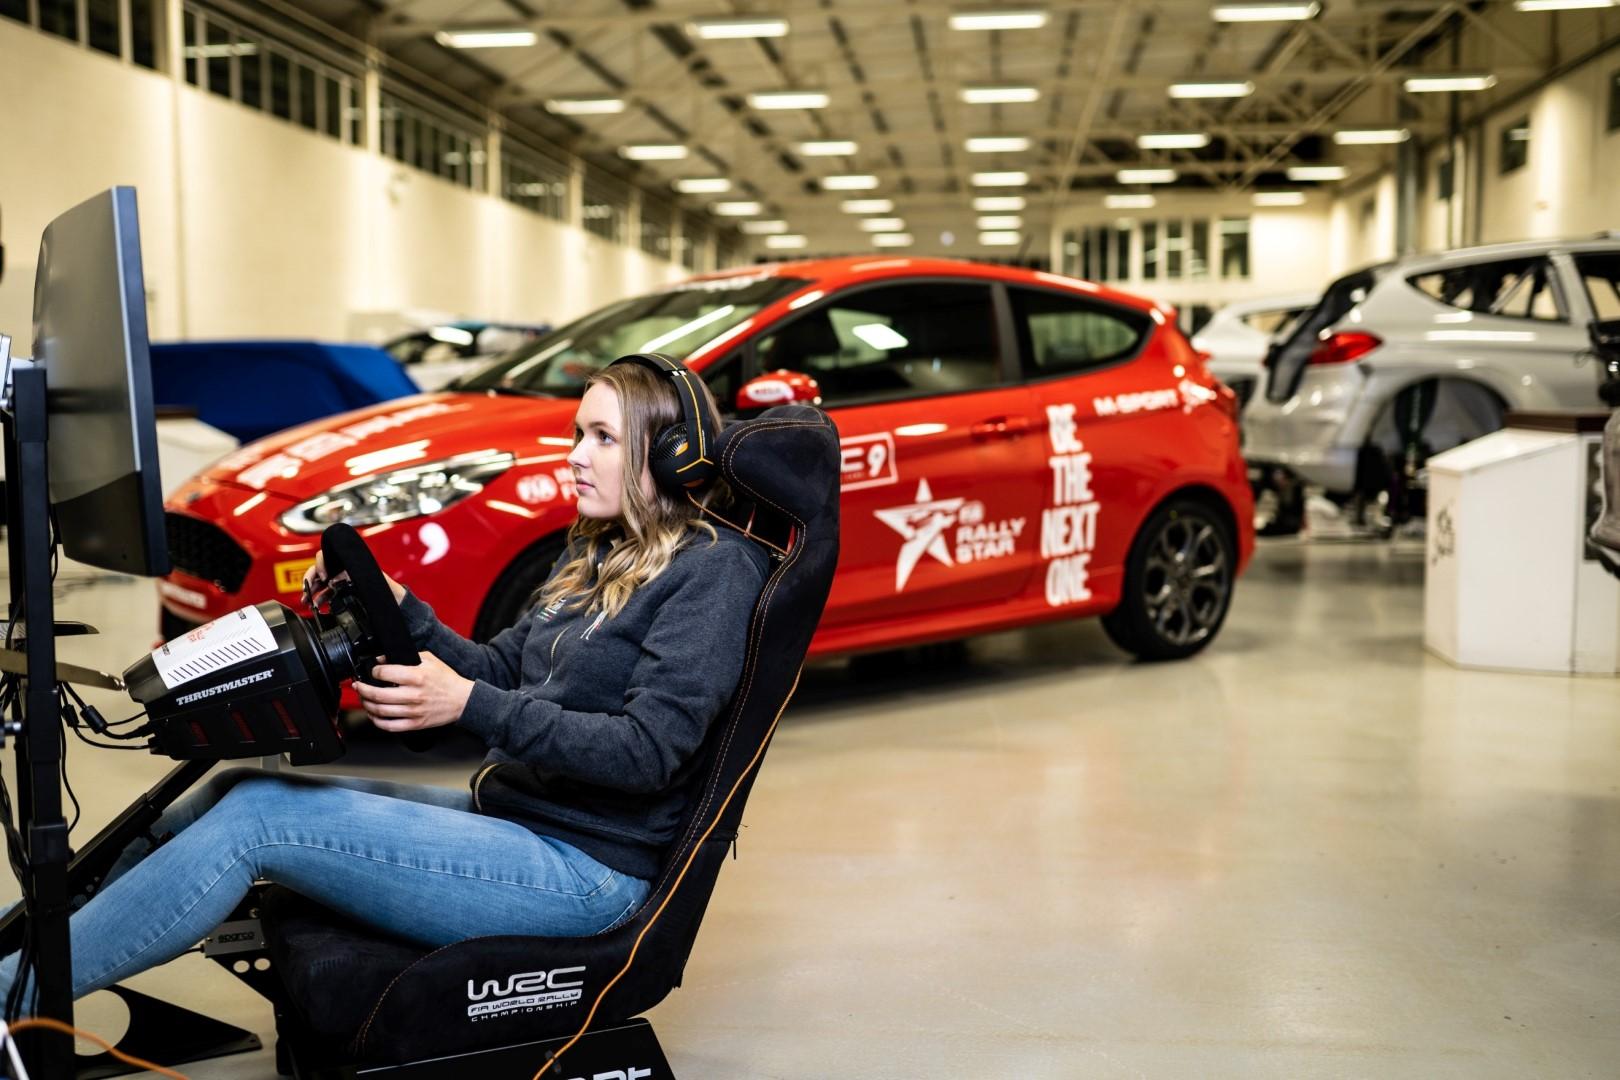 """"""" الإمارات للسيارات و الدراجات النارية """" تعلن تفاصيل اختيارها برنامج """"فيا رالي ستار"""" للسائقين"""